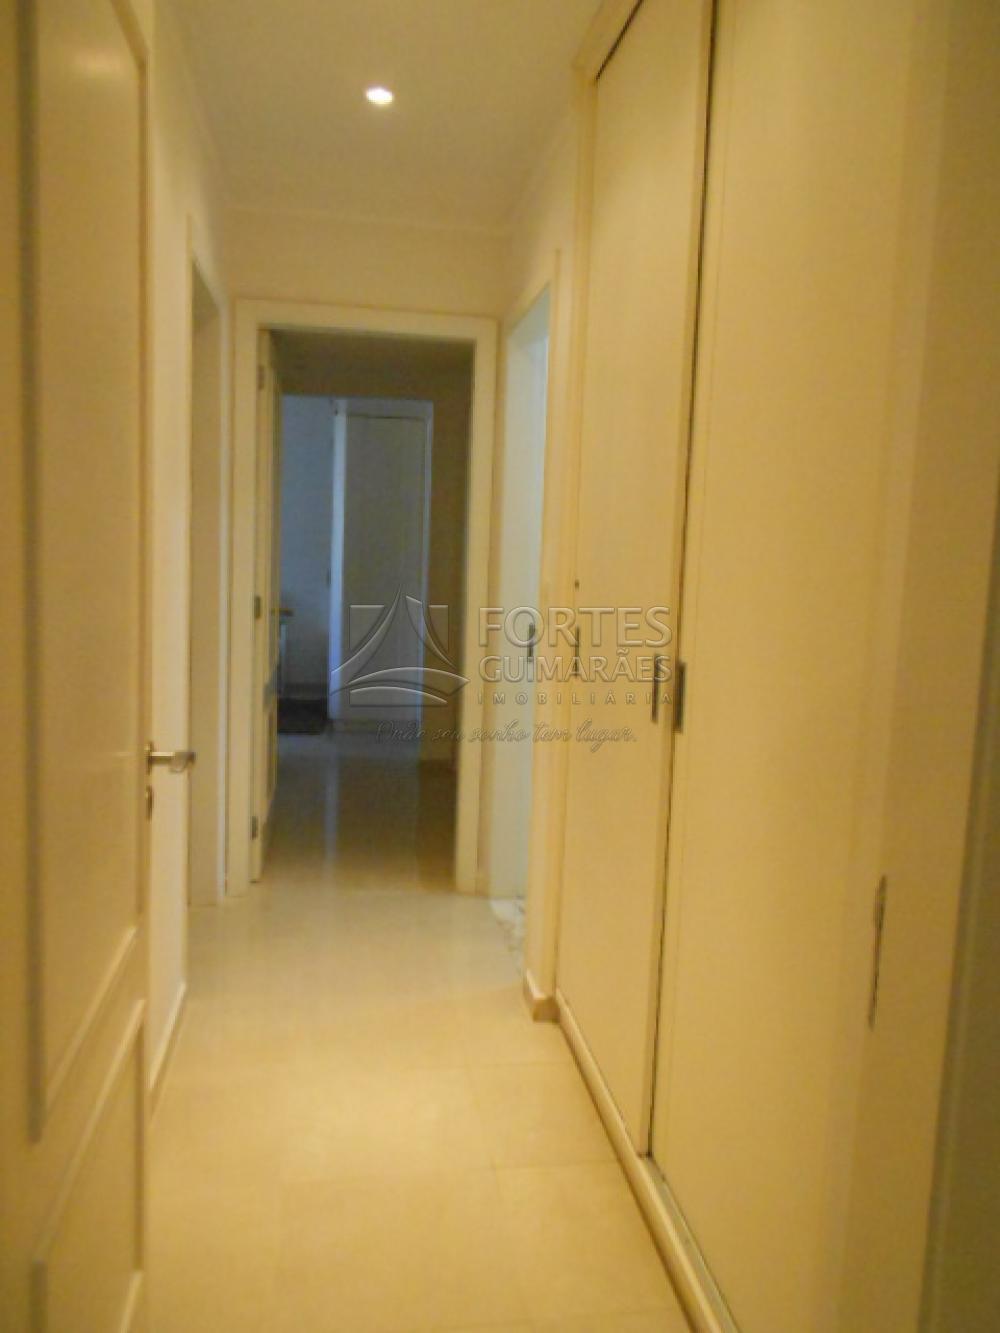 Alugar Apartamentos / Padrão em Ribeirão Preto apenas R$ 5.000,00 - Foto 23